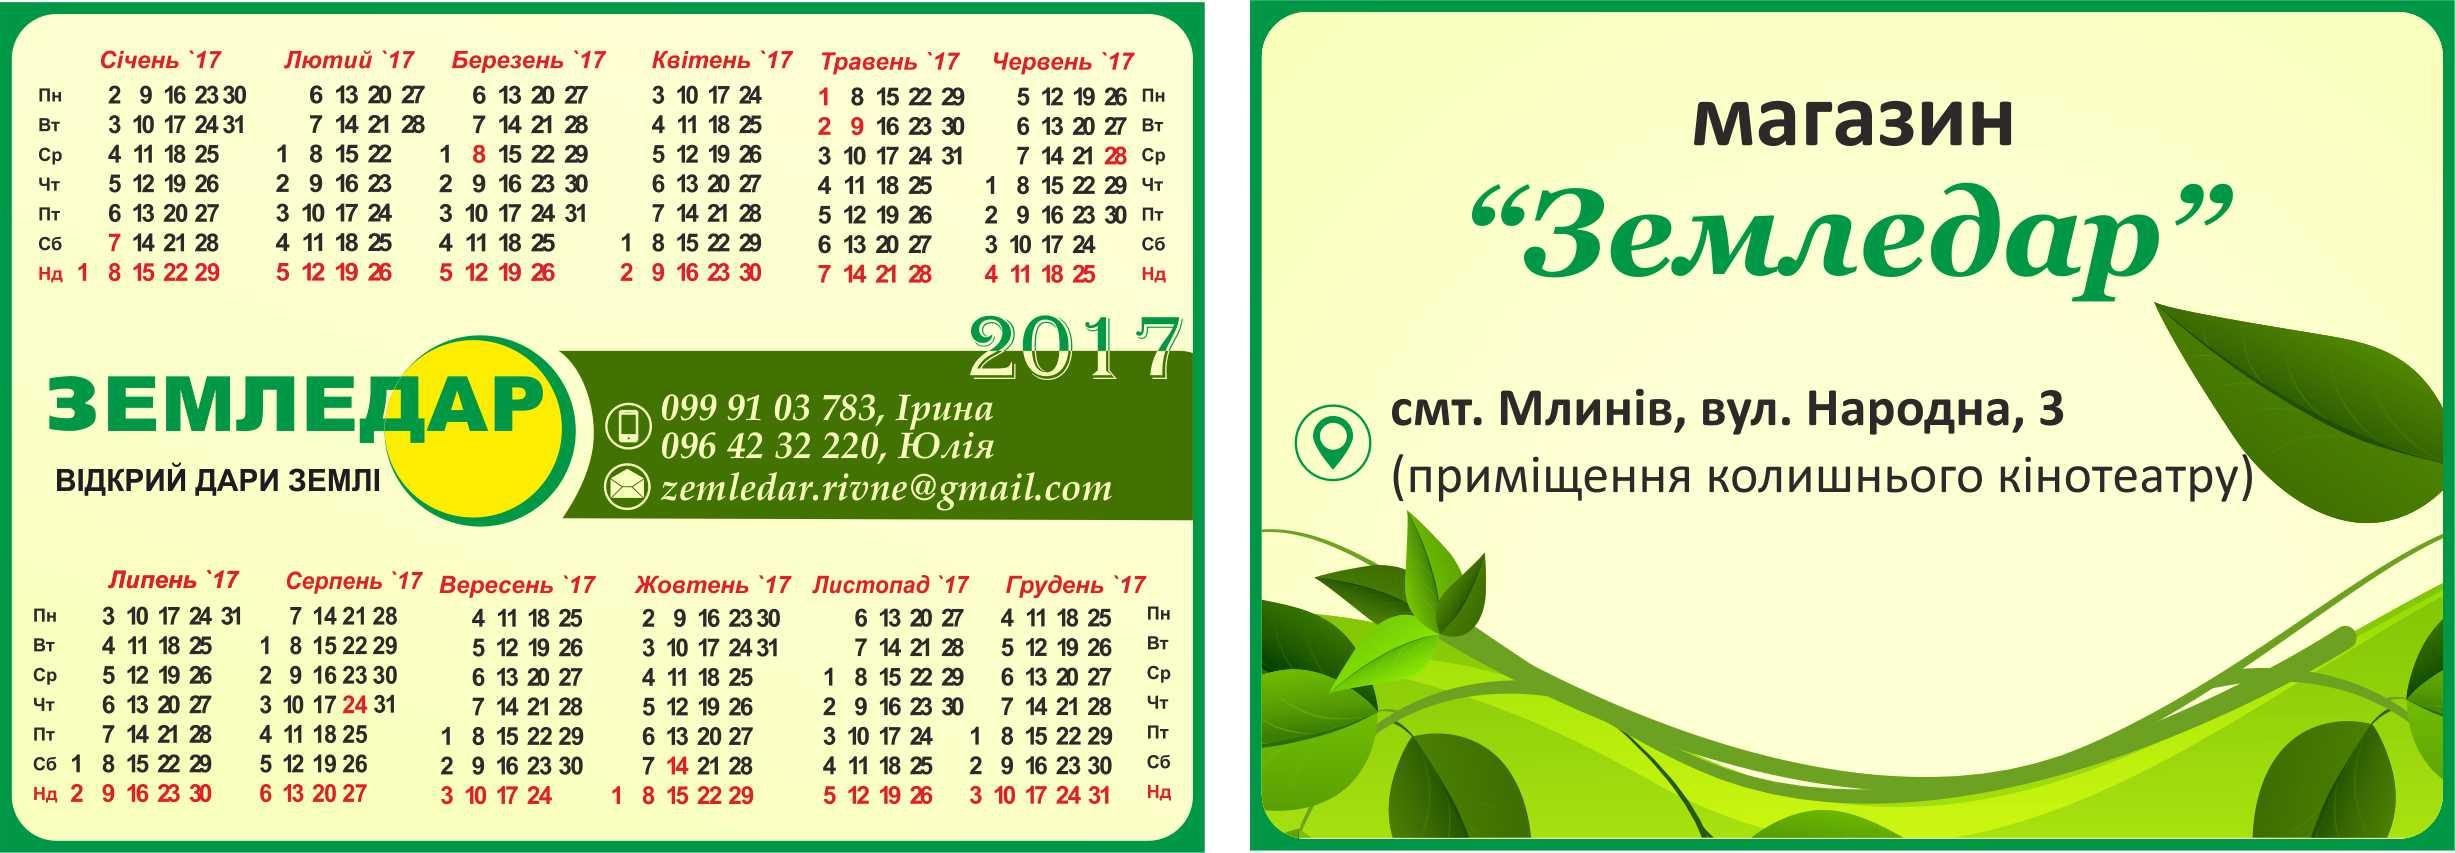 Фото Дипломы, сертификаты, блокноты, календари 4